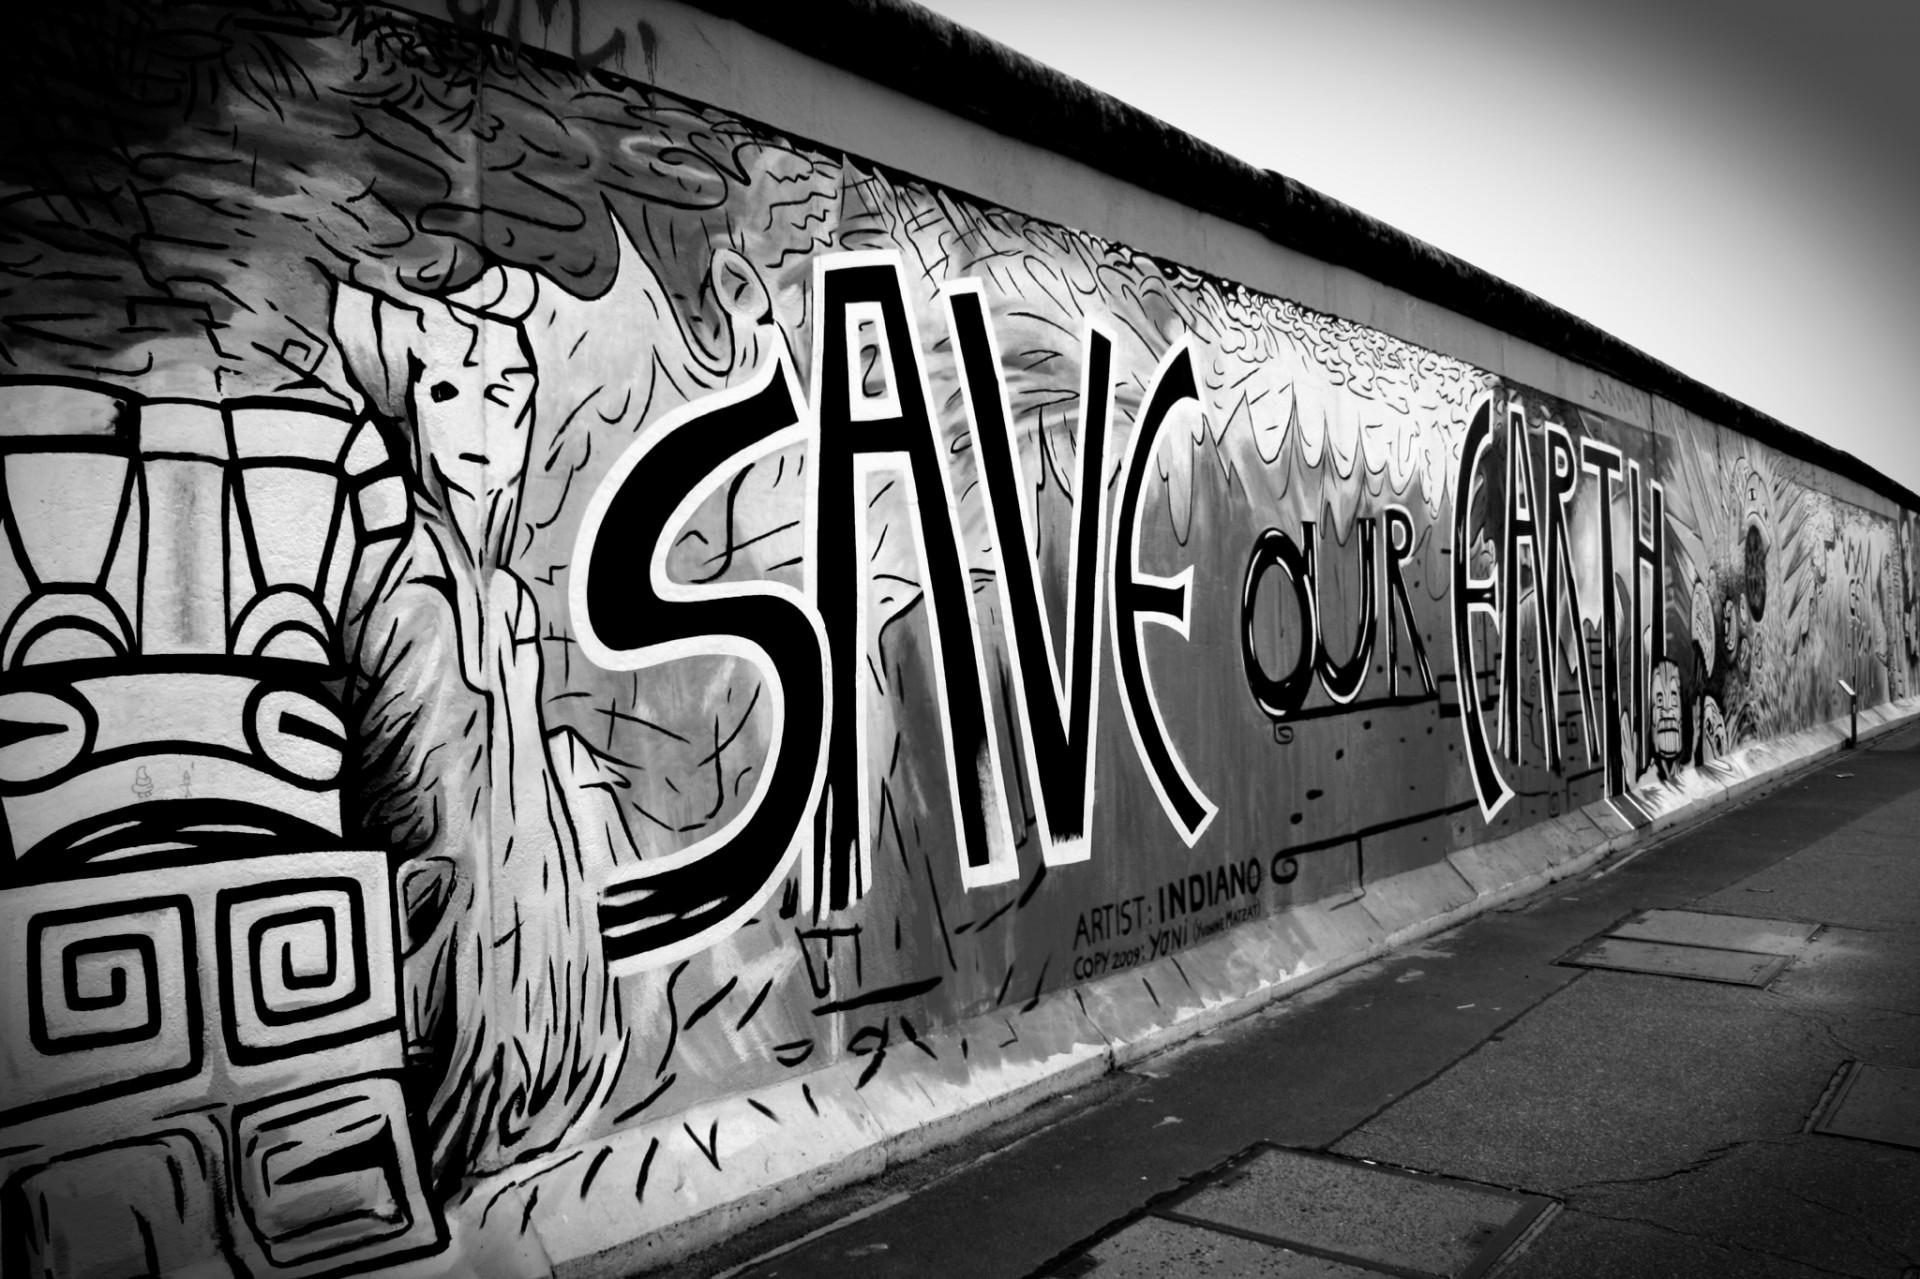 фотографии граффити черно белые куриные яйца